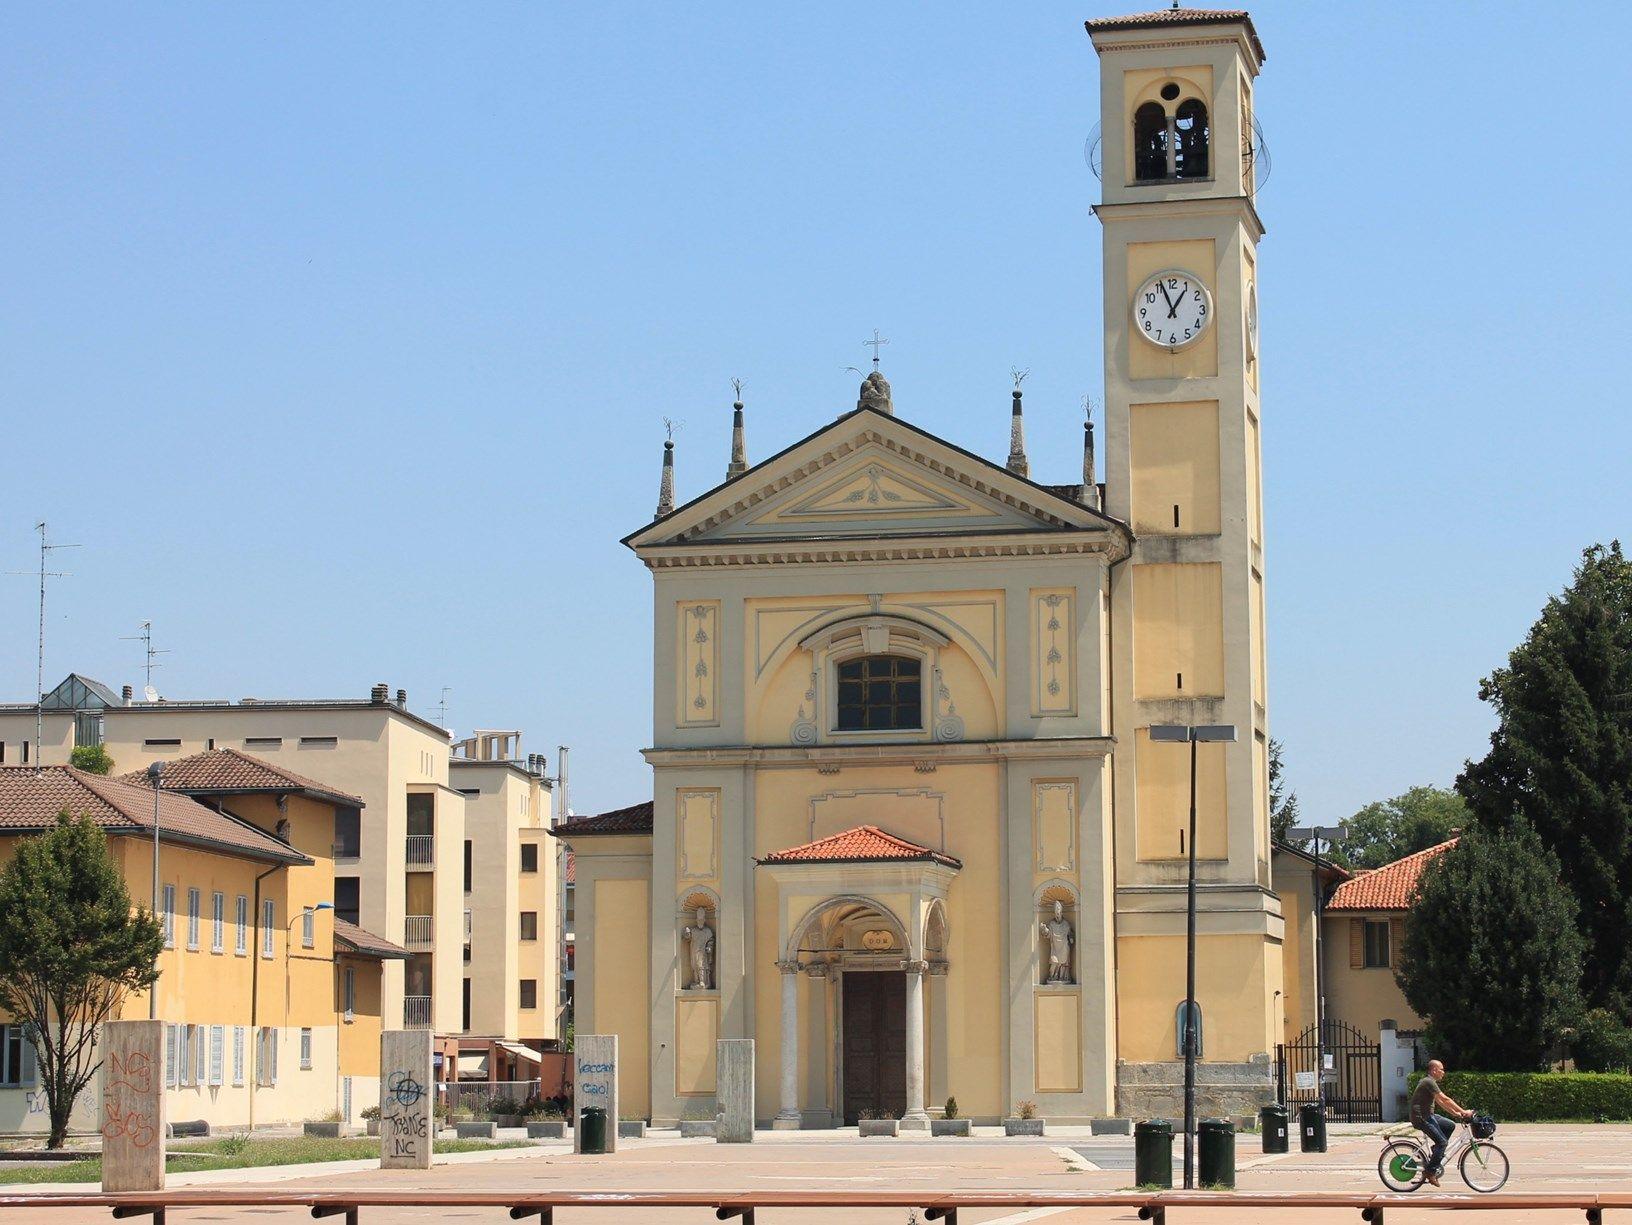 Una nuova piazza per San Donato Milanese